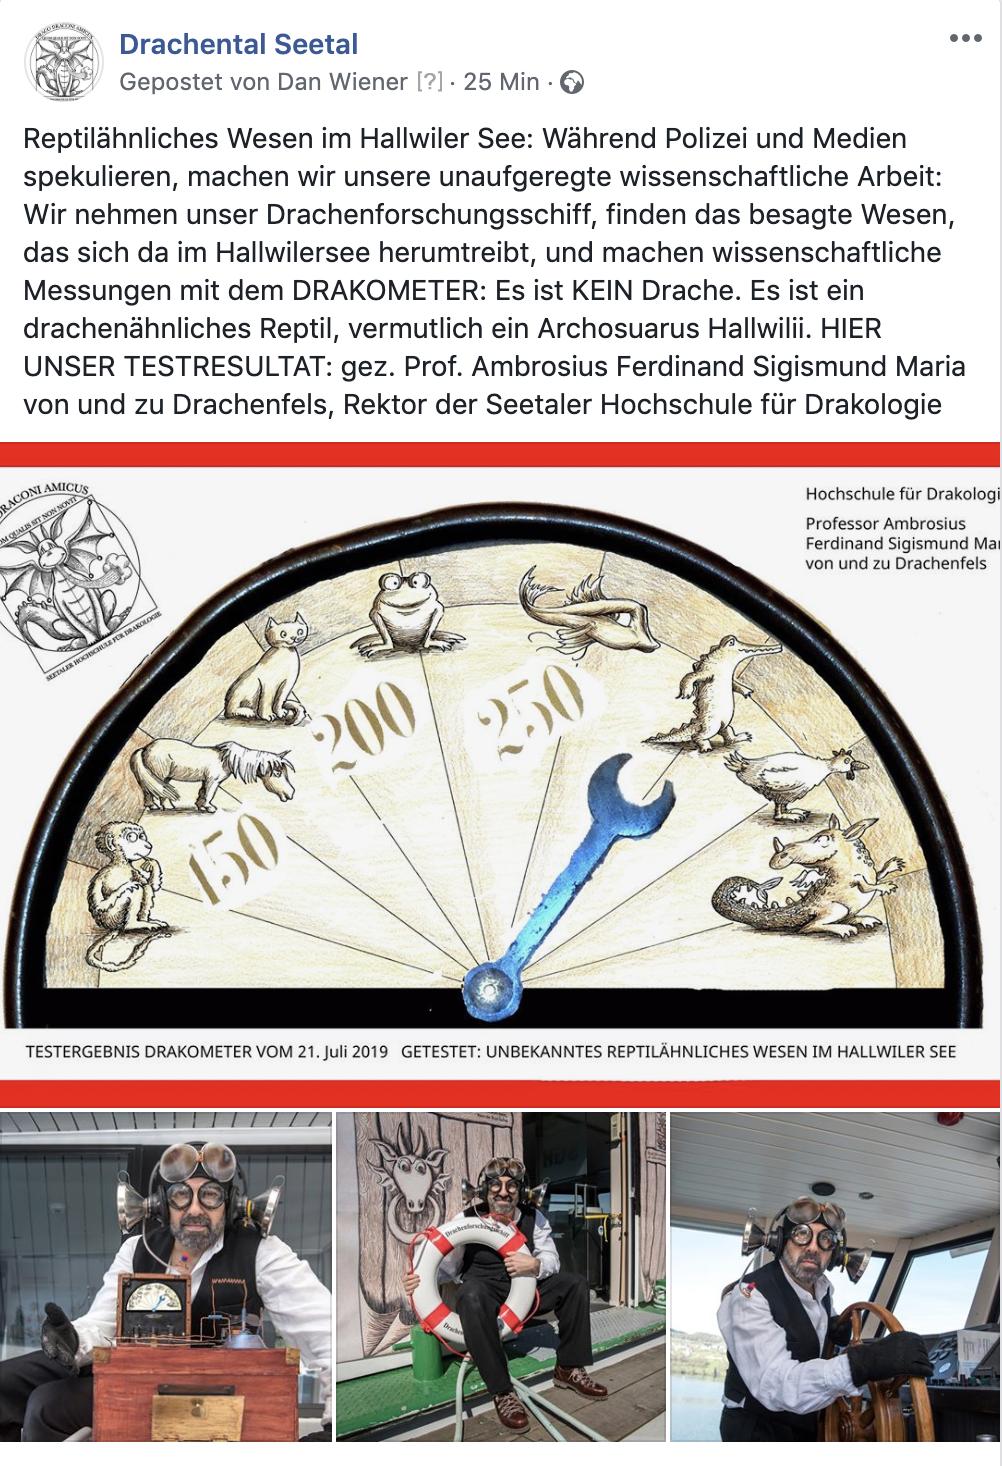 Offizielle Mitteilung Juli 2019 - Nach zahlreichen Medienberichten und Medienanfragen kann die Hochschule nach fundierter wissenschaftlicher Arbeit mitteilen: Es ist KEIN Drache im Hallwilersee, vermutlich ein Archosaurus Hallwilii.